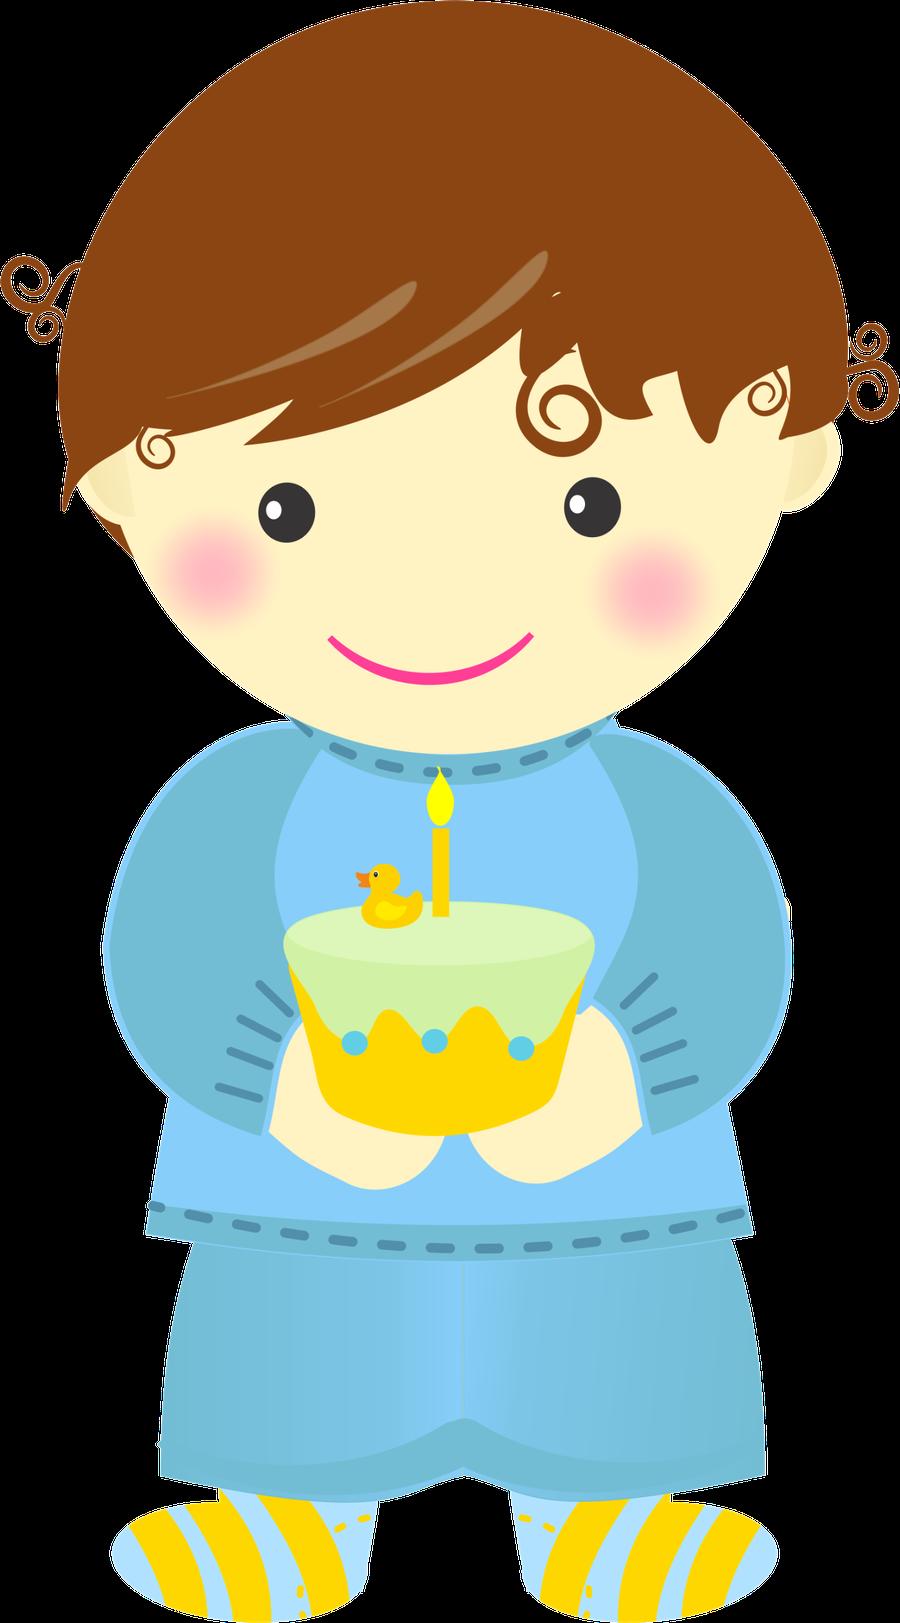 Bebê (Menino e Menina) - Minus | CLIPART - BABY, BABY CLOTHES, BABY ... clipart stock